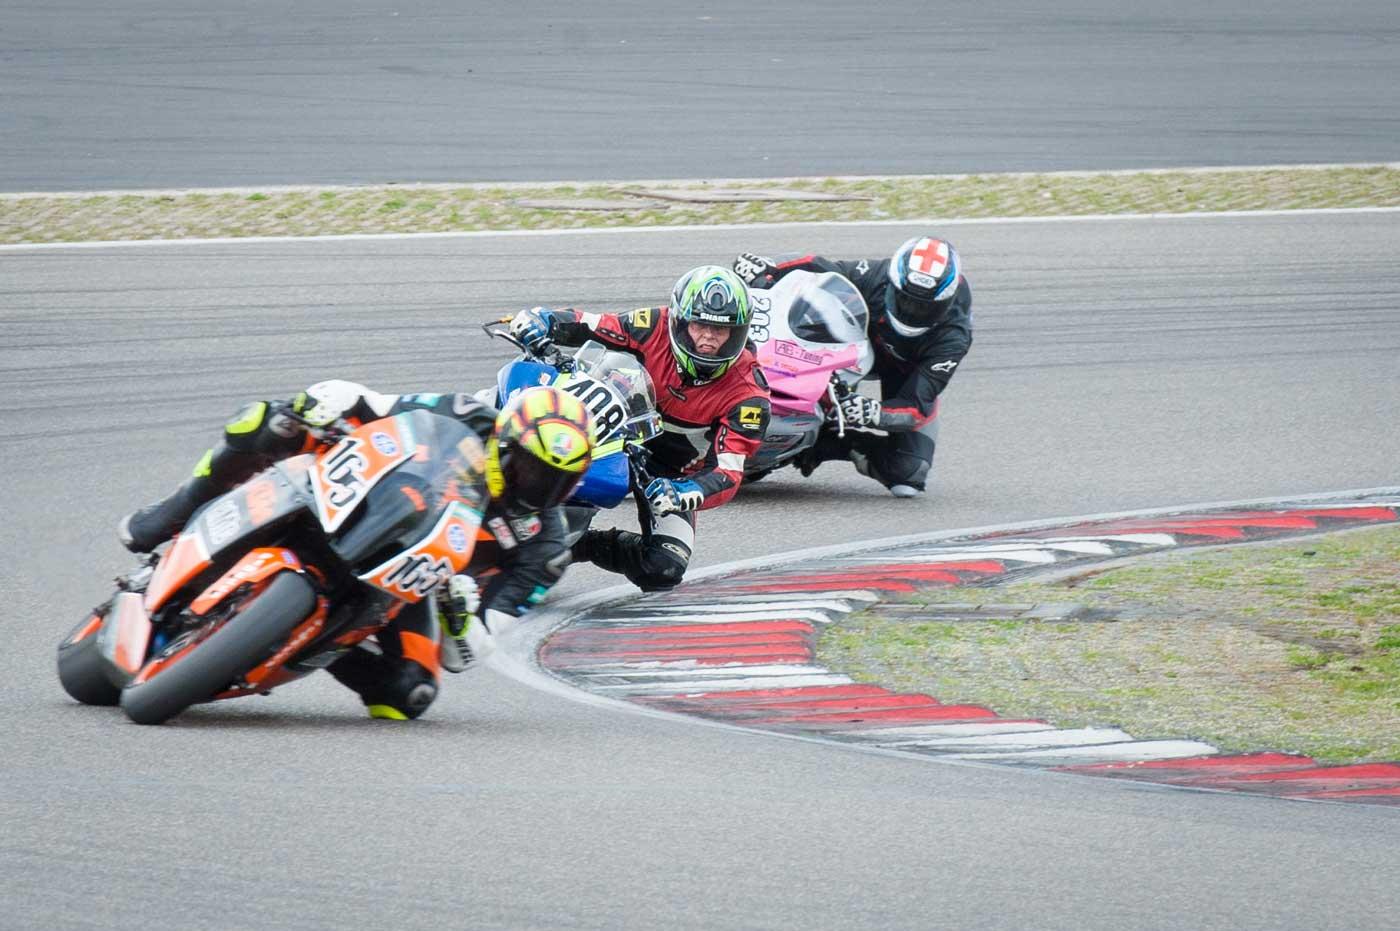 Home Race Guard Racing Deine Versicherung Sicherheit Mein Anliegen